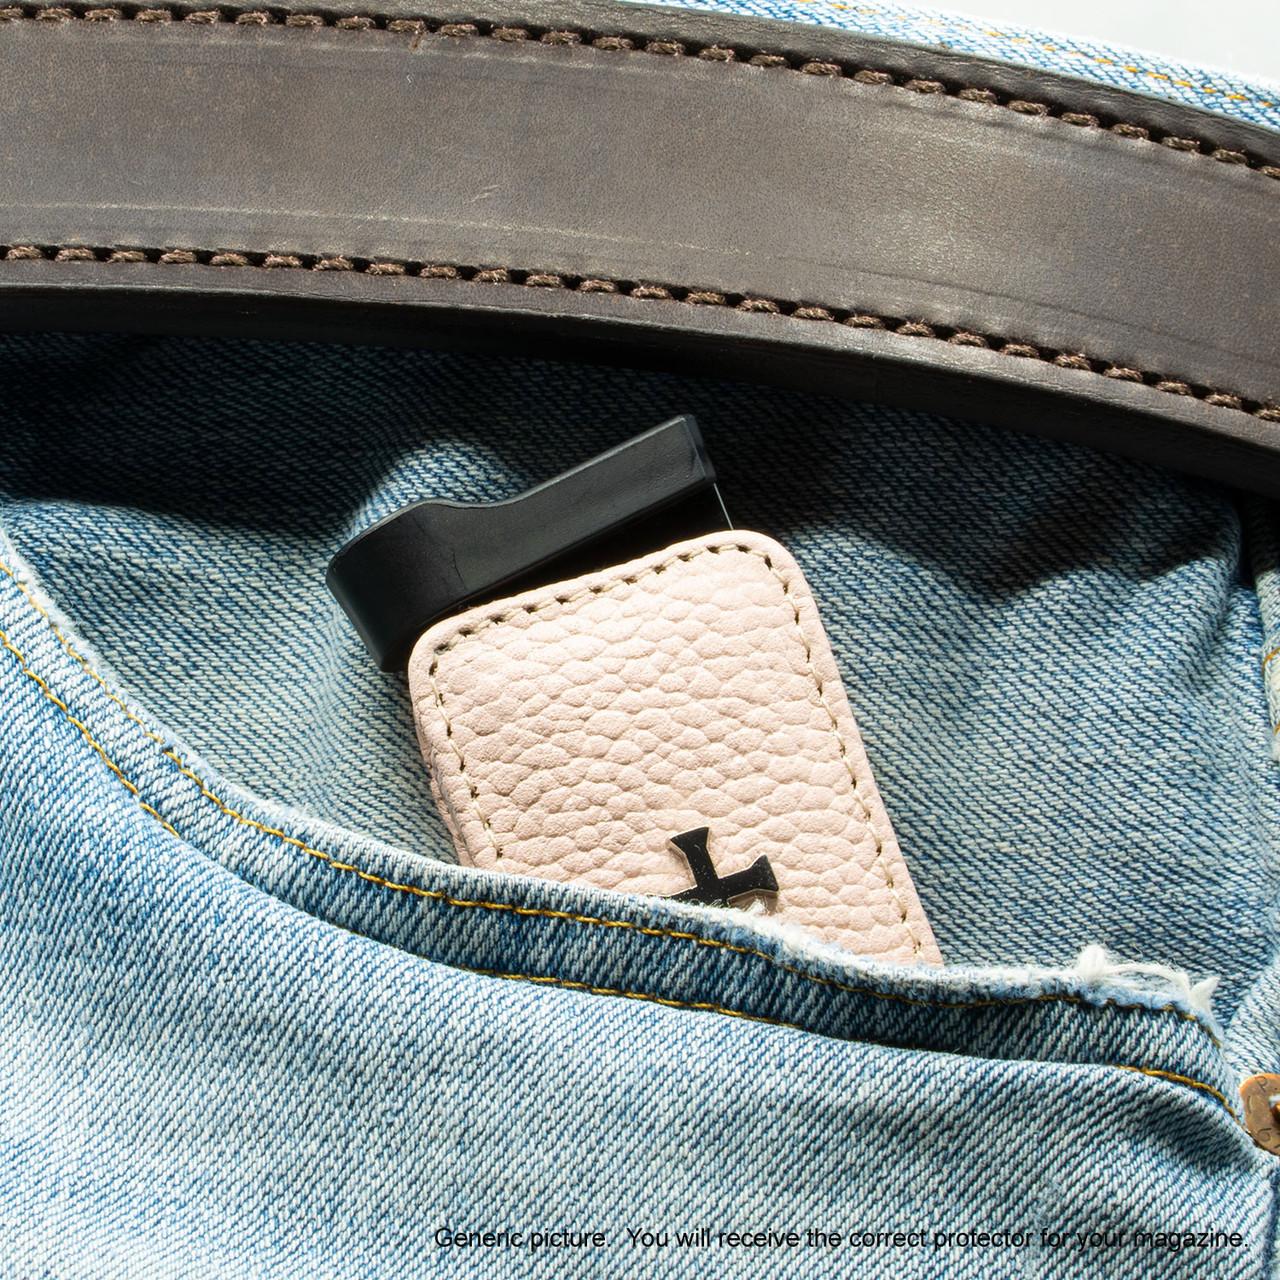 Kahr CW45 Pink Carry Faithfully Cross Magazine Pocket Protector